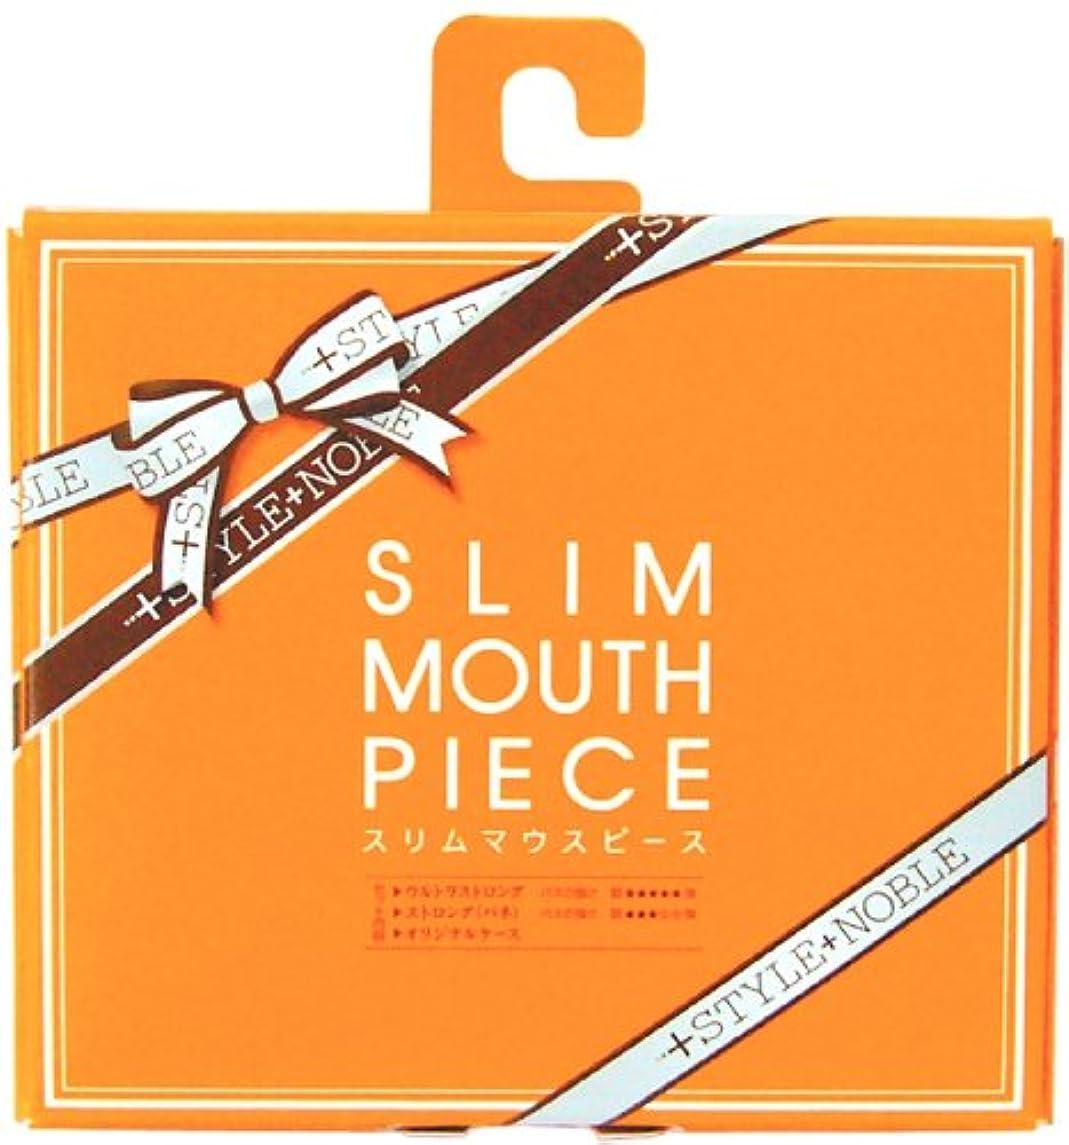 後退する嫌がる許されるノーブル スリウマウスピース 発売17周年セット